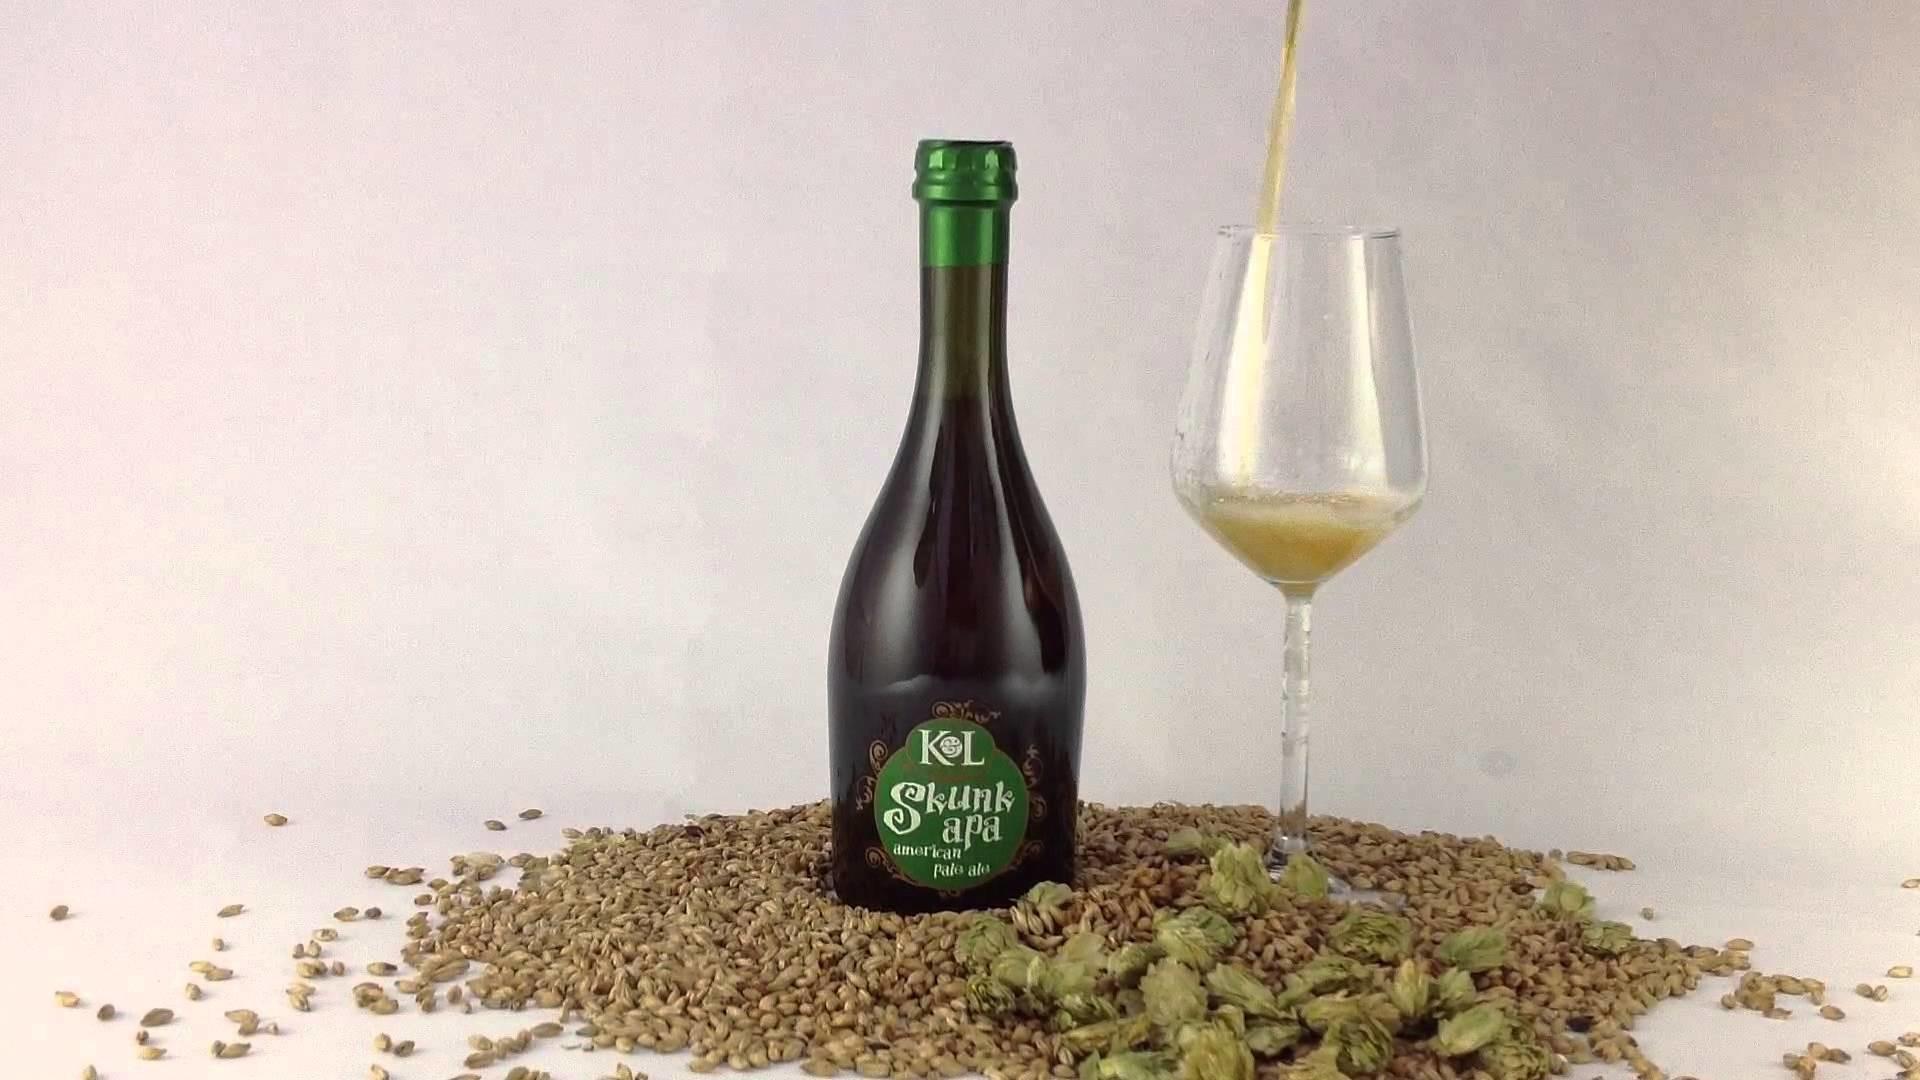 Fabrica de Cerveza Americana Pale Ale - K&L the Italian Craft Beers